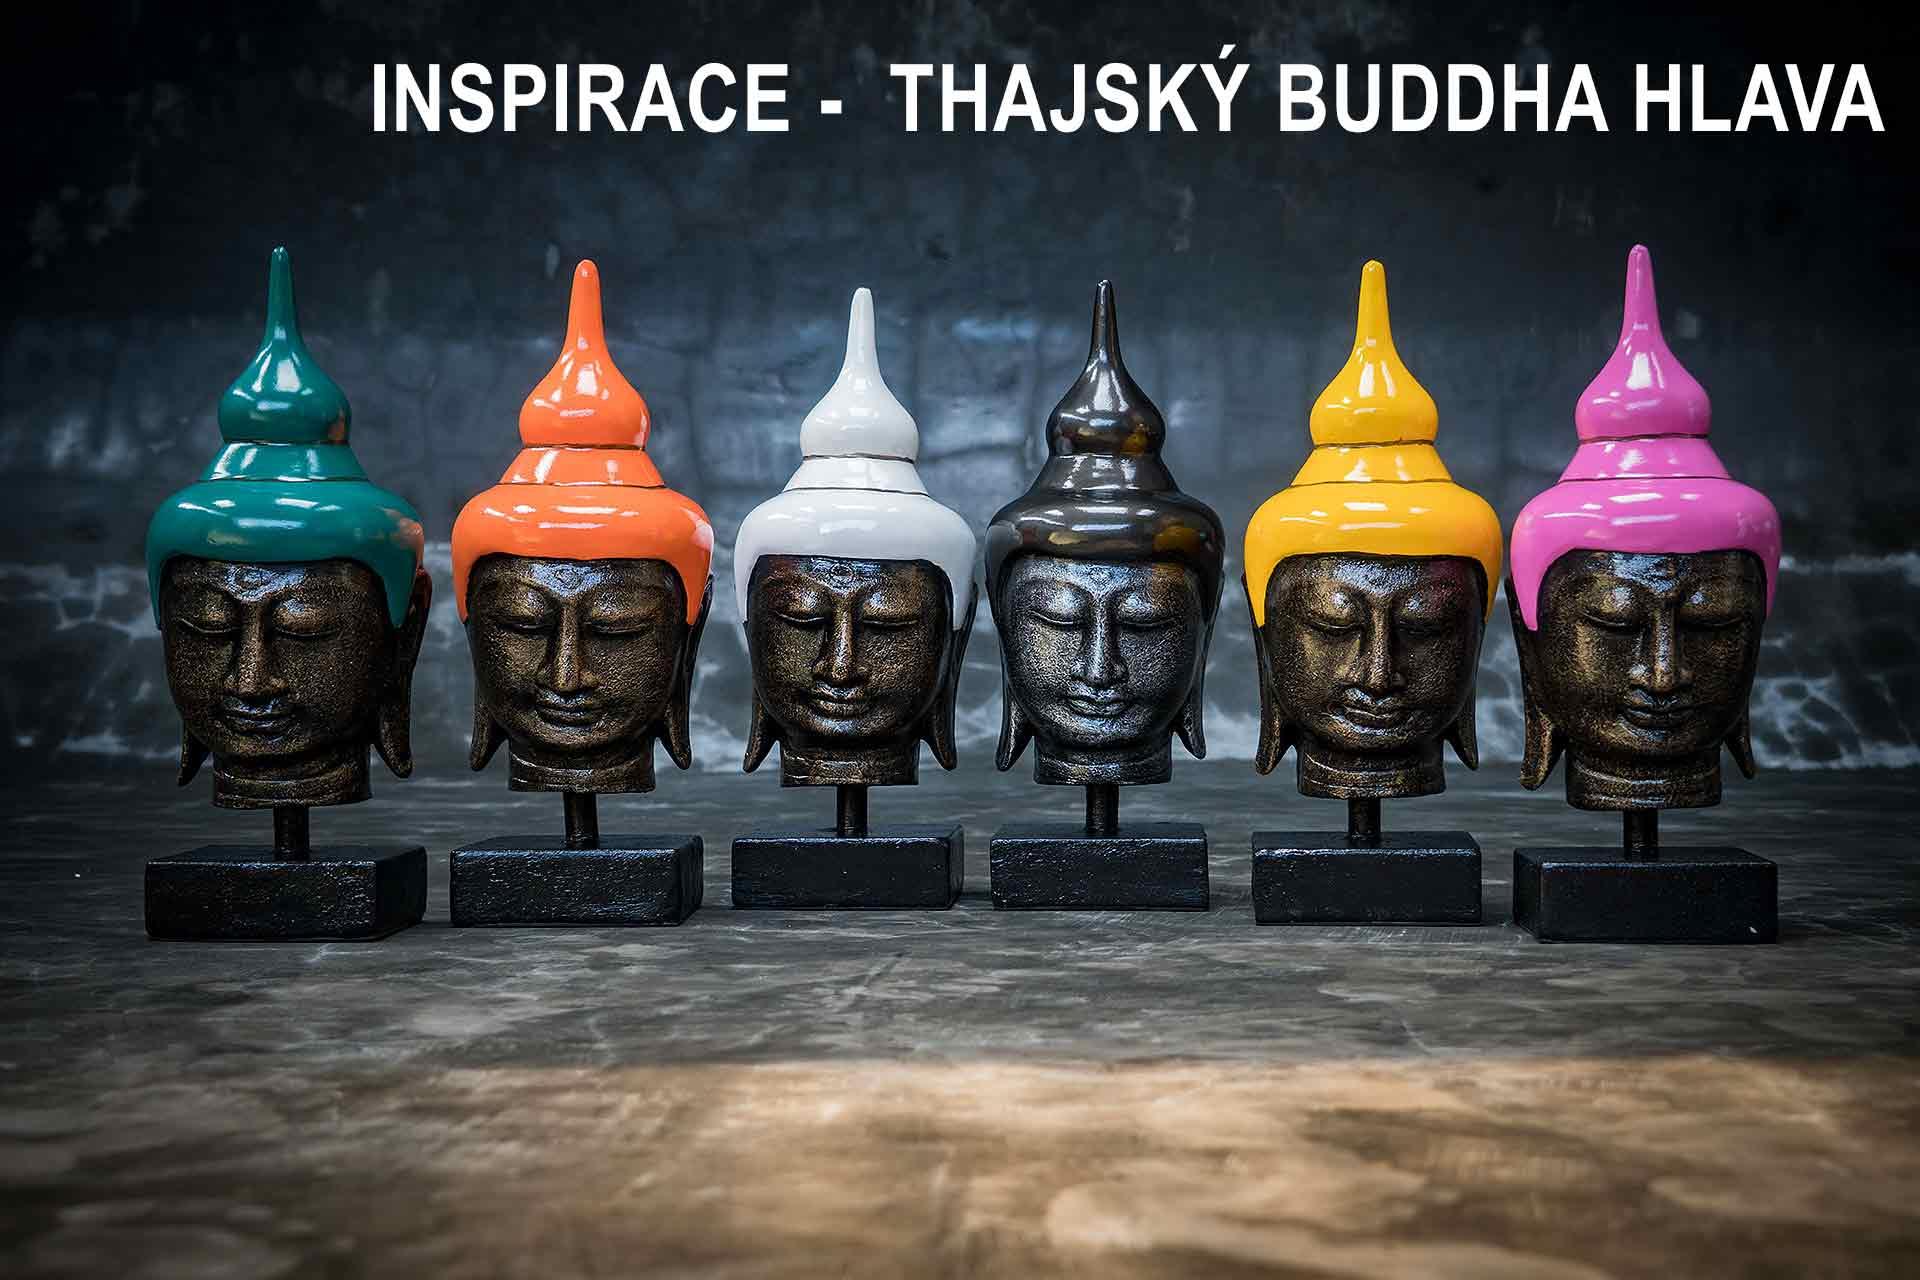 inspirace buddha hlava